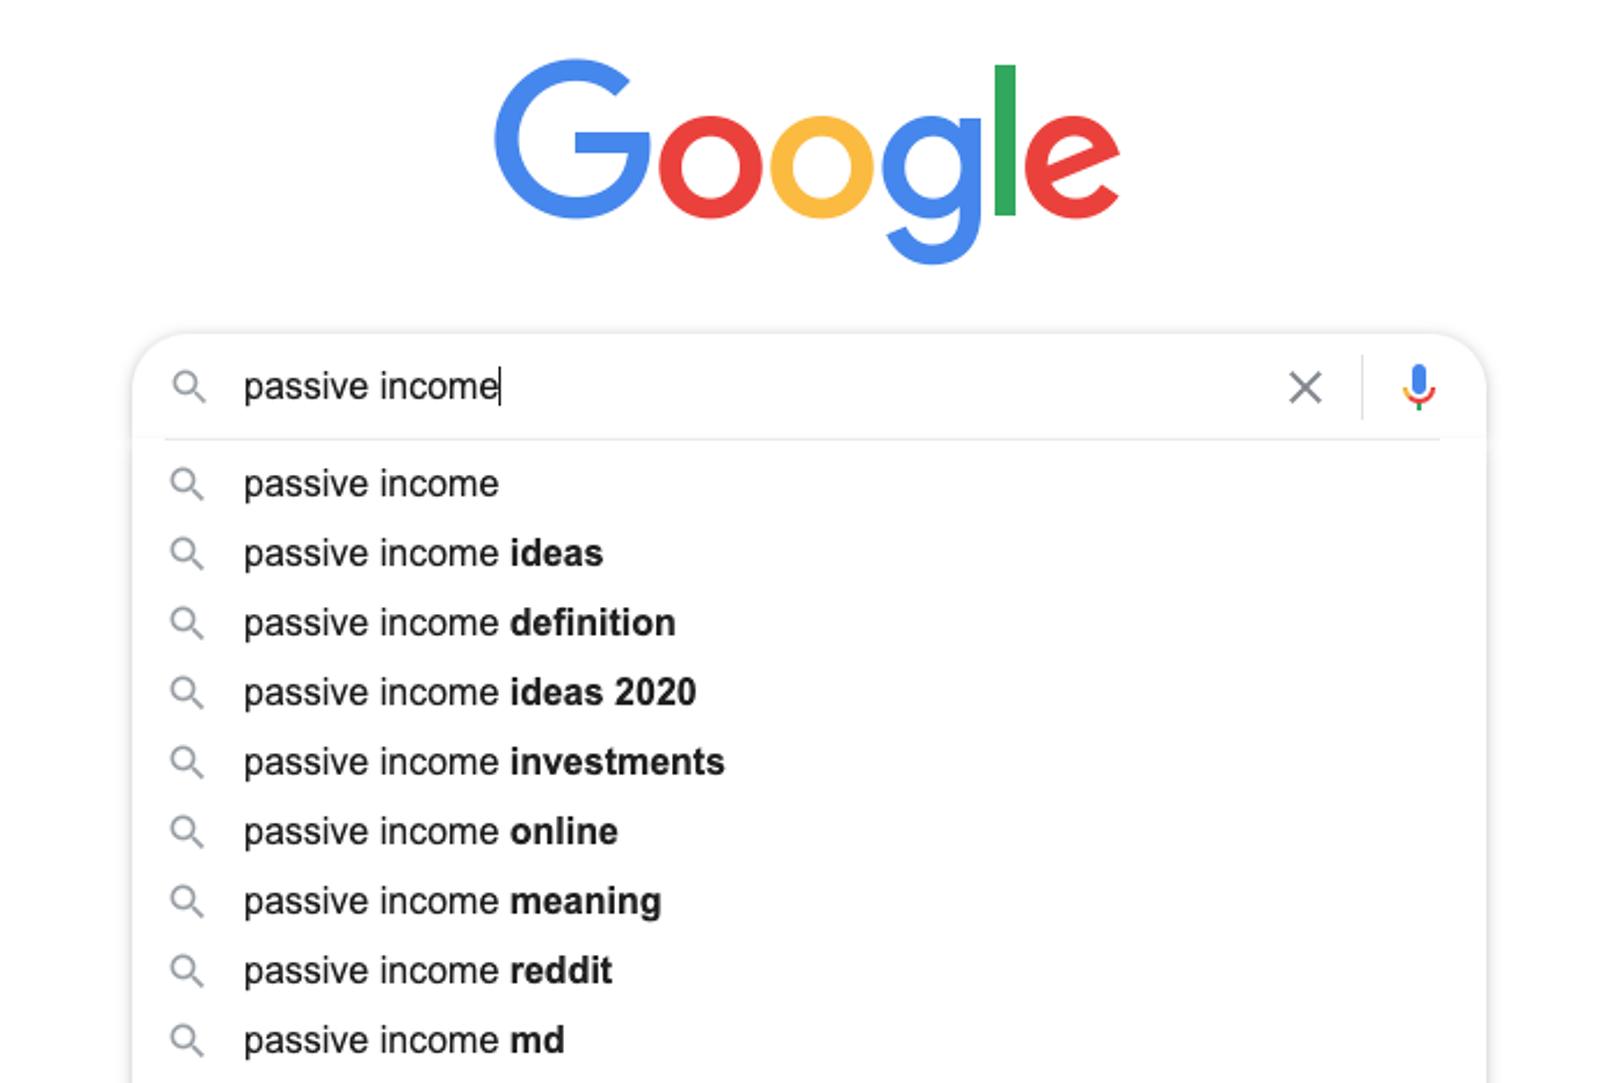 Google search predictions